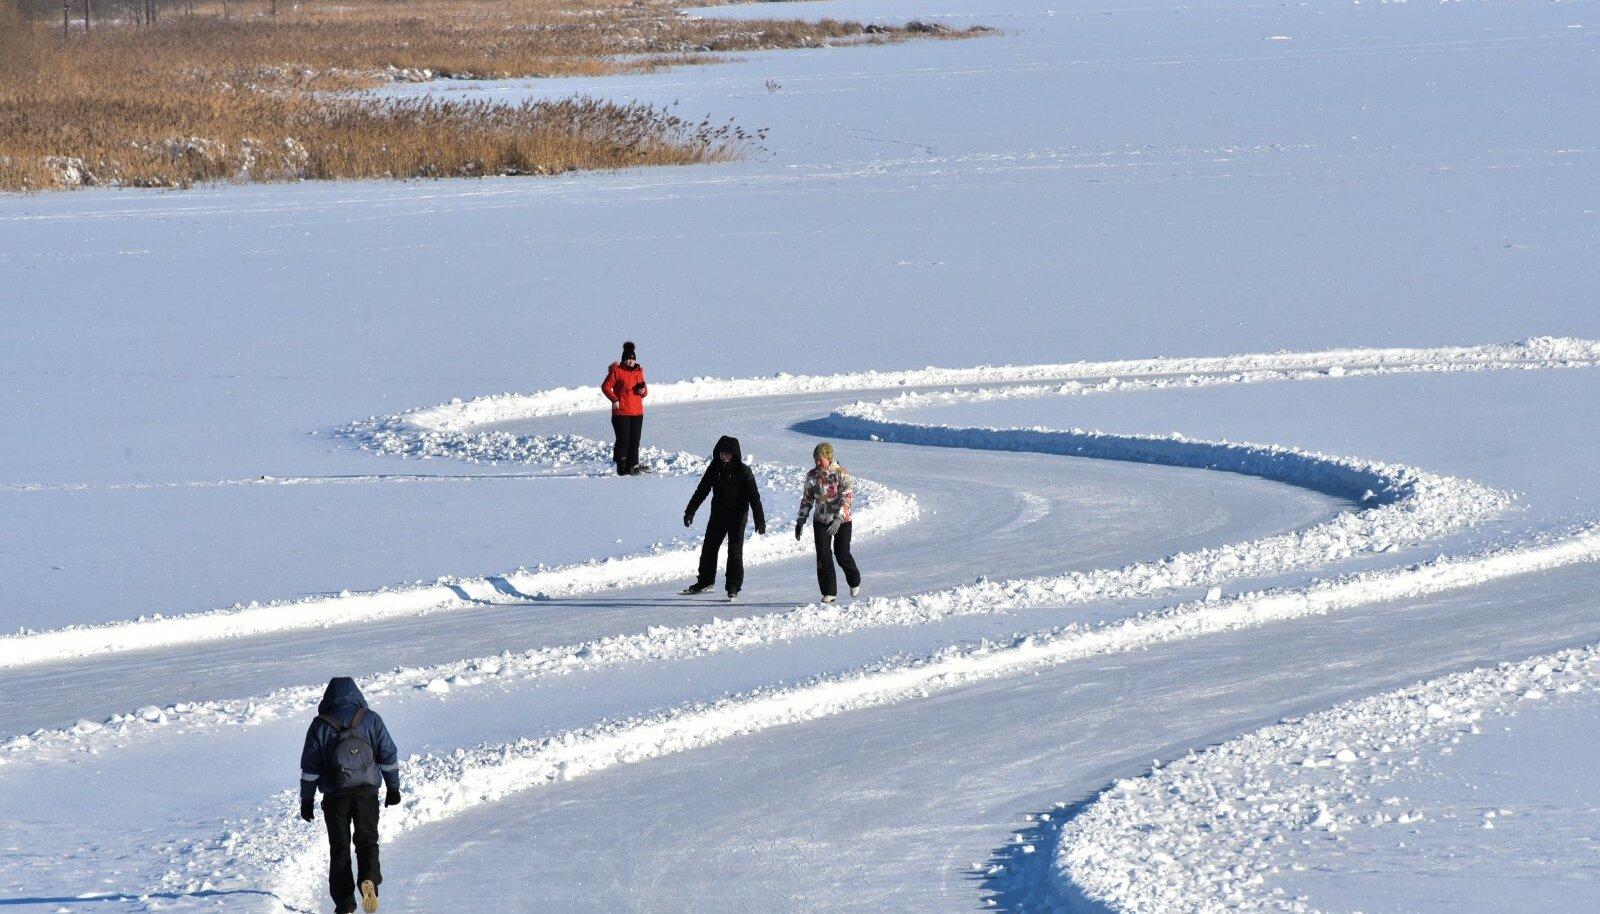 Lumerohke talv soodustas siseturismi: uisutajad Viljandi järvel